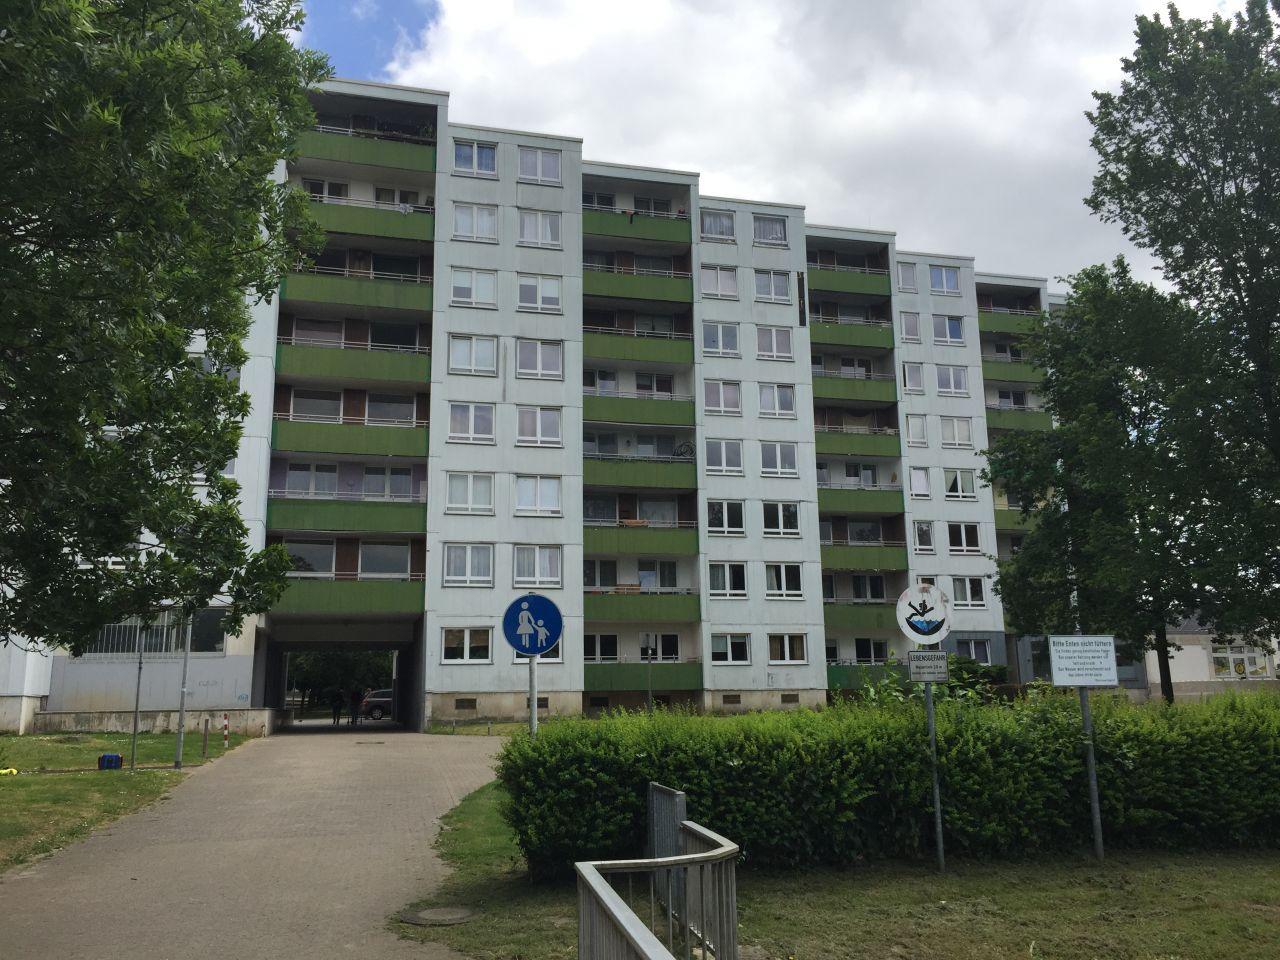 Квартира в земле Северный Рейн-Вестфалия, Германия, 88 м2 - фото 1